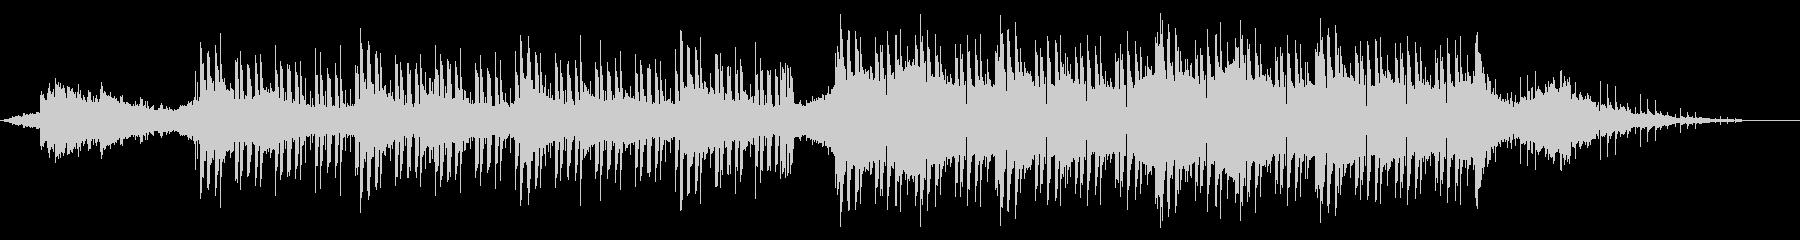 テクスチャー1の未再生の波形